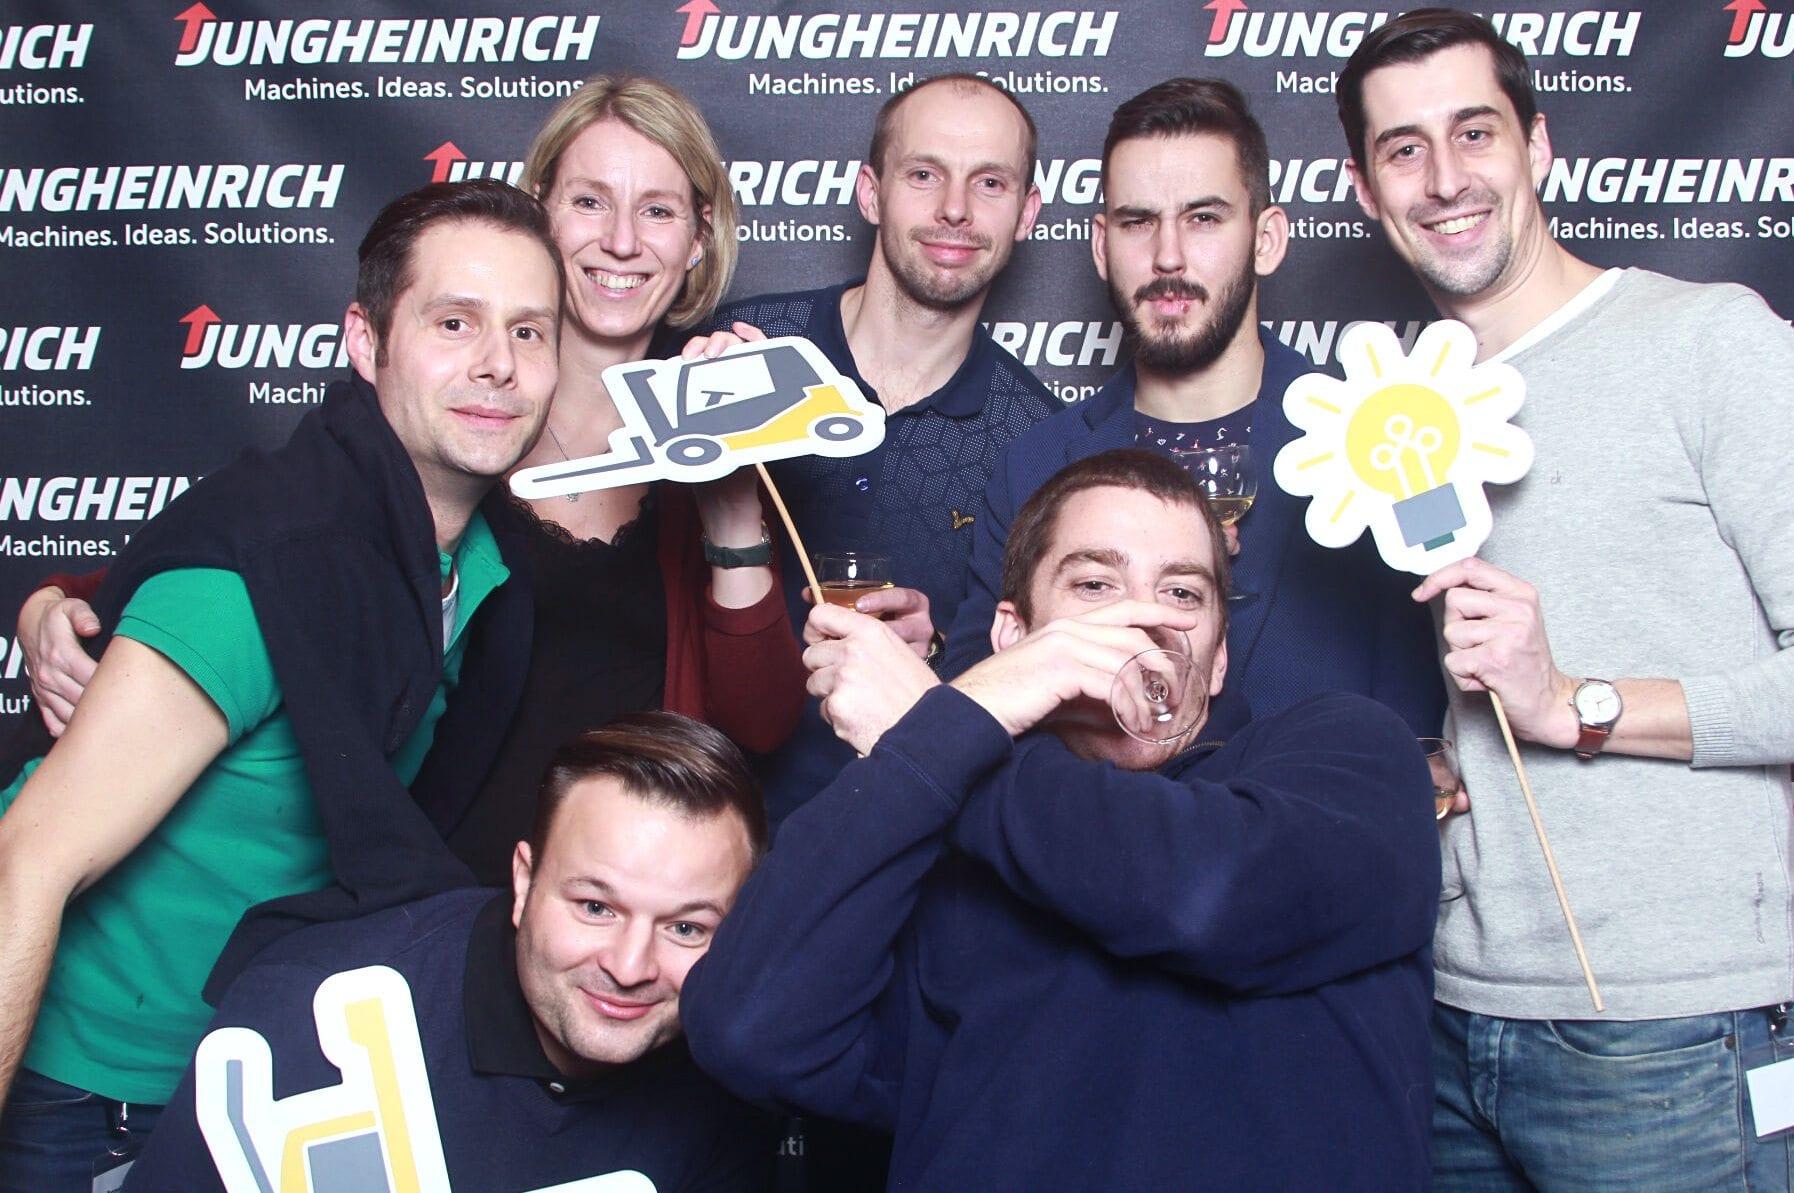 fotokoutek-jungheinrich-20-1-2016-205895